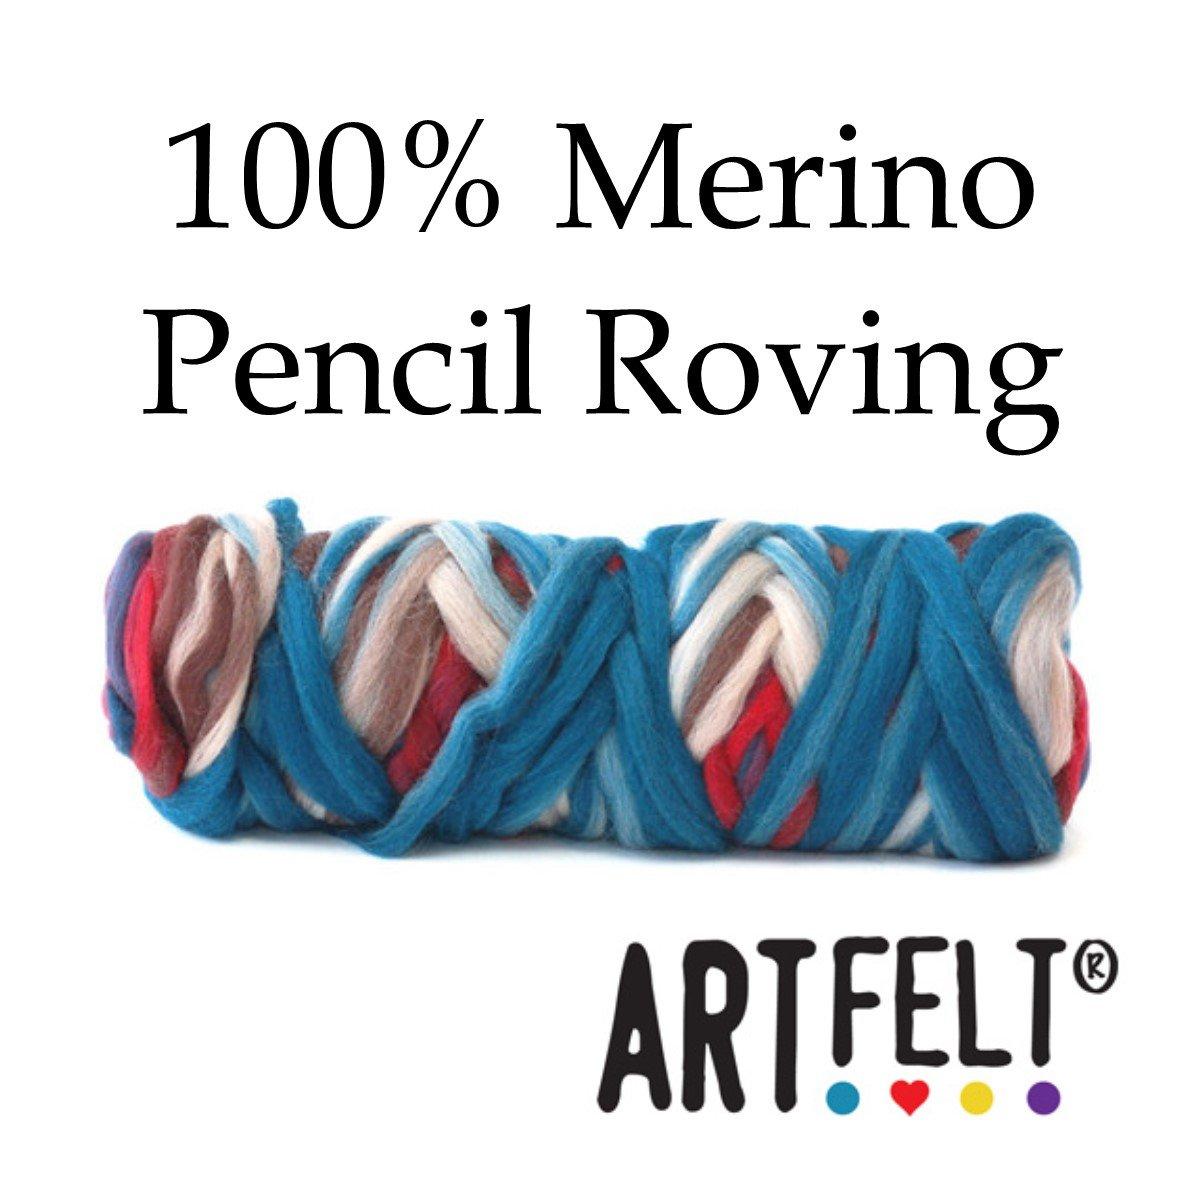 100% Merino Pencil Roving